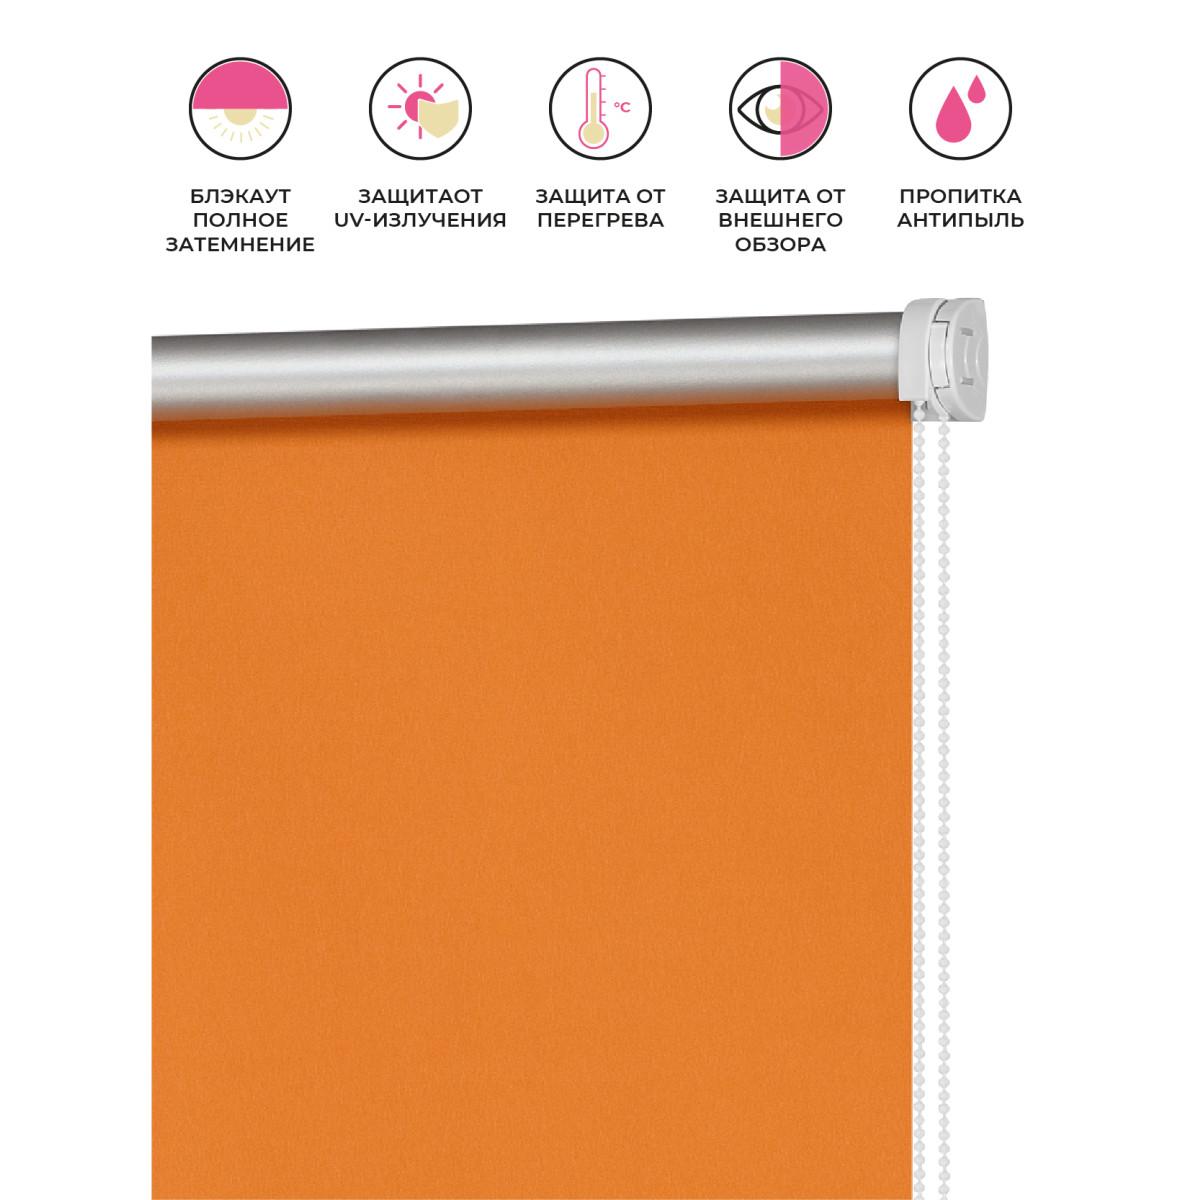 Рулонная Ора Decofest Блэкаут Плайн 90Х160 Цвет Оранжевый